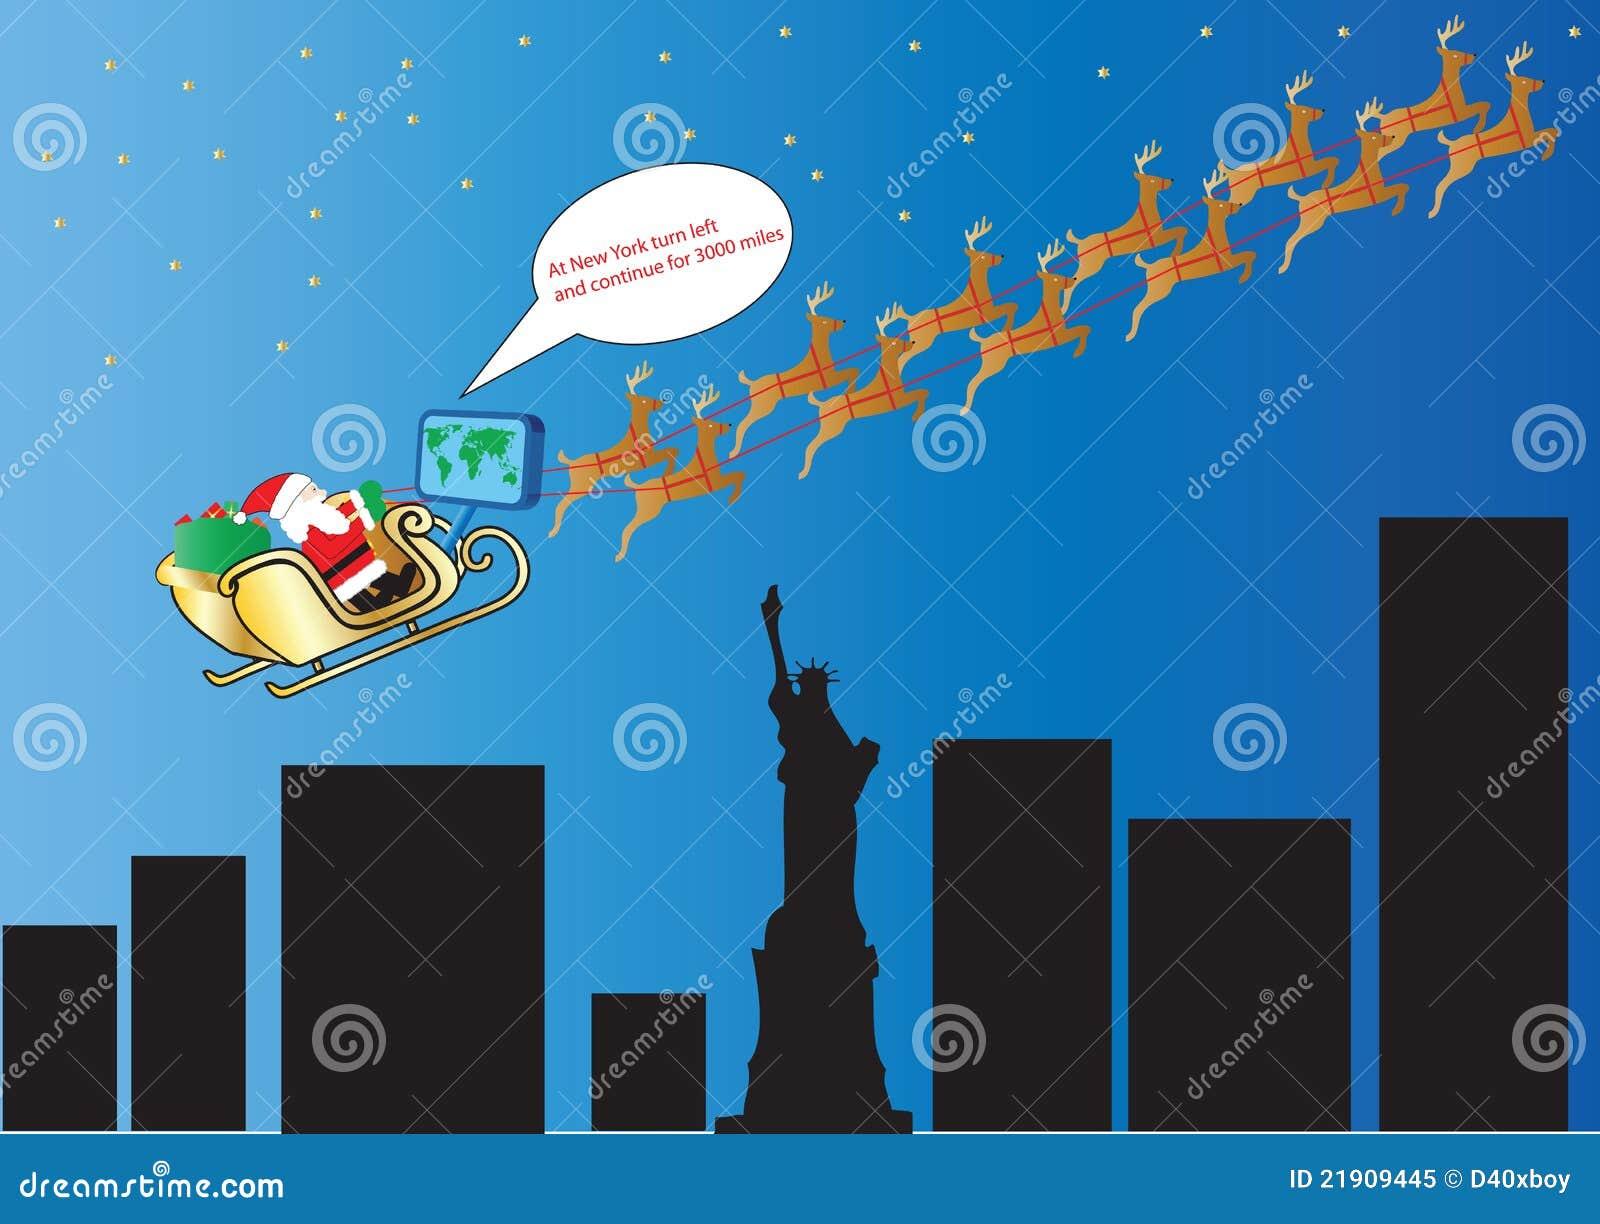 Il Percorso Di Babbo Natale.Percorso Del Satellite Del Babbo Natale Illustrazione